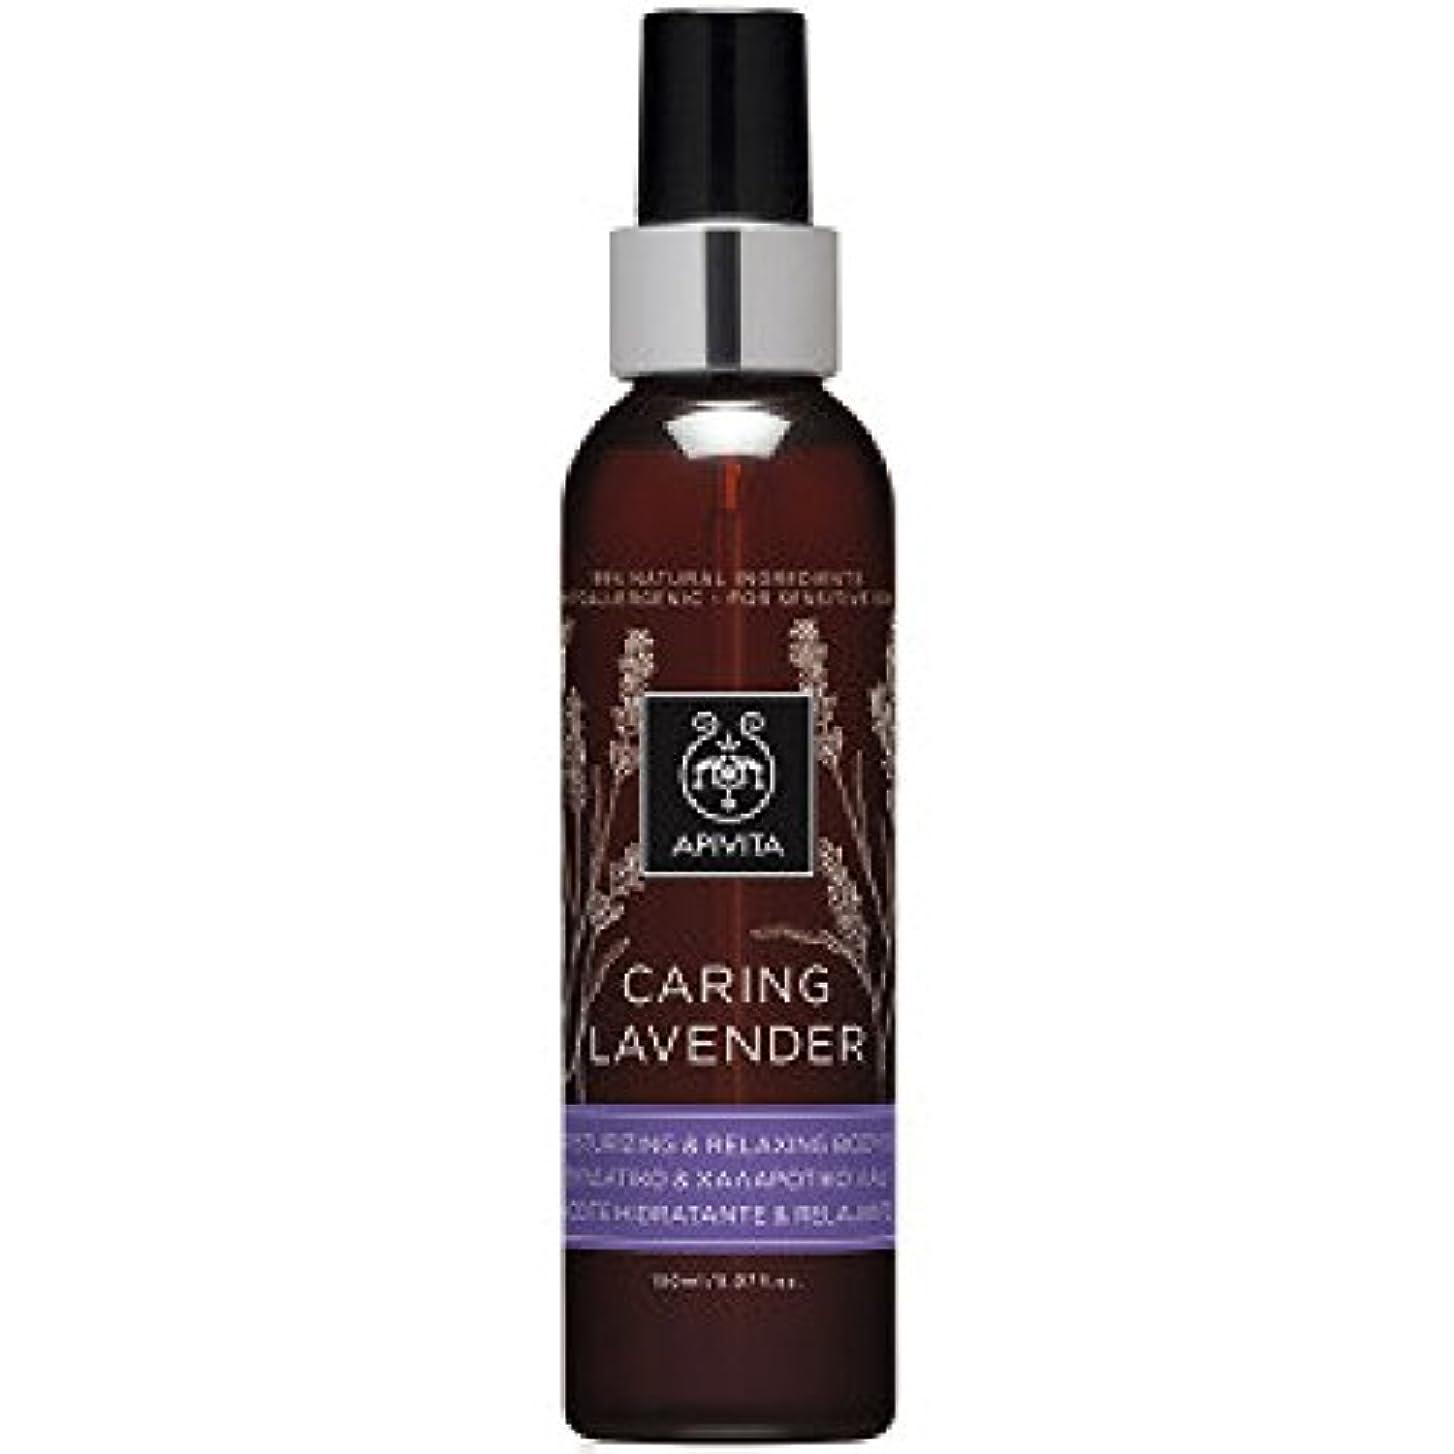 厄介なオデュッセウス穏やかなアピヴィータ Caring Lavender Moisturizing & Relaxing Body Oil - For Sensitive Skin 150ml [並行輸入品]